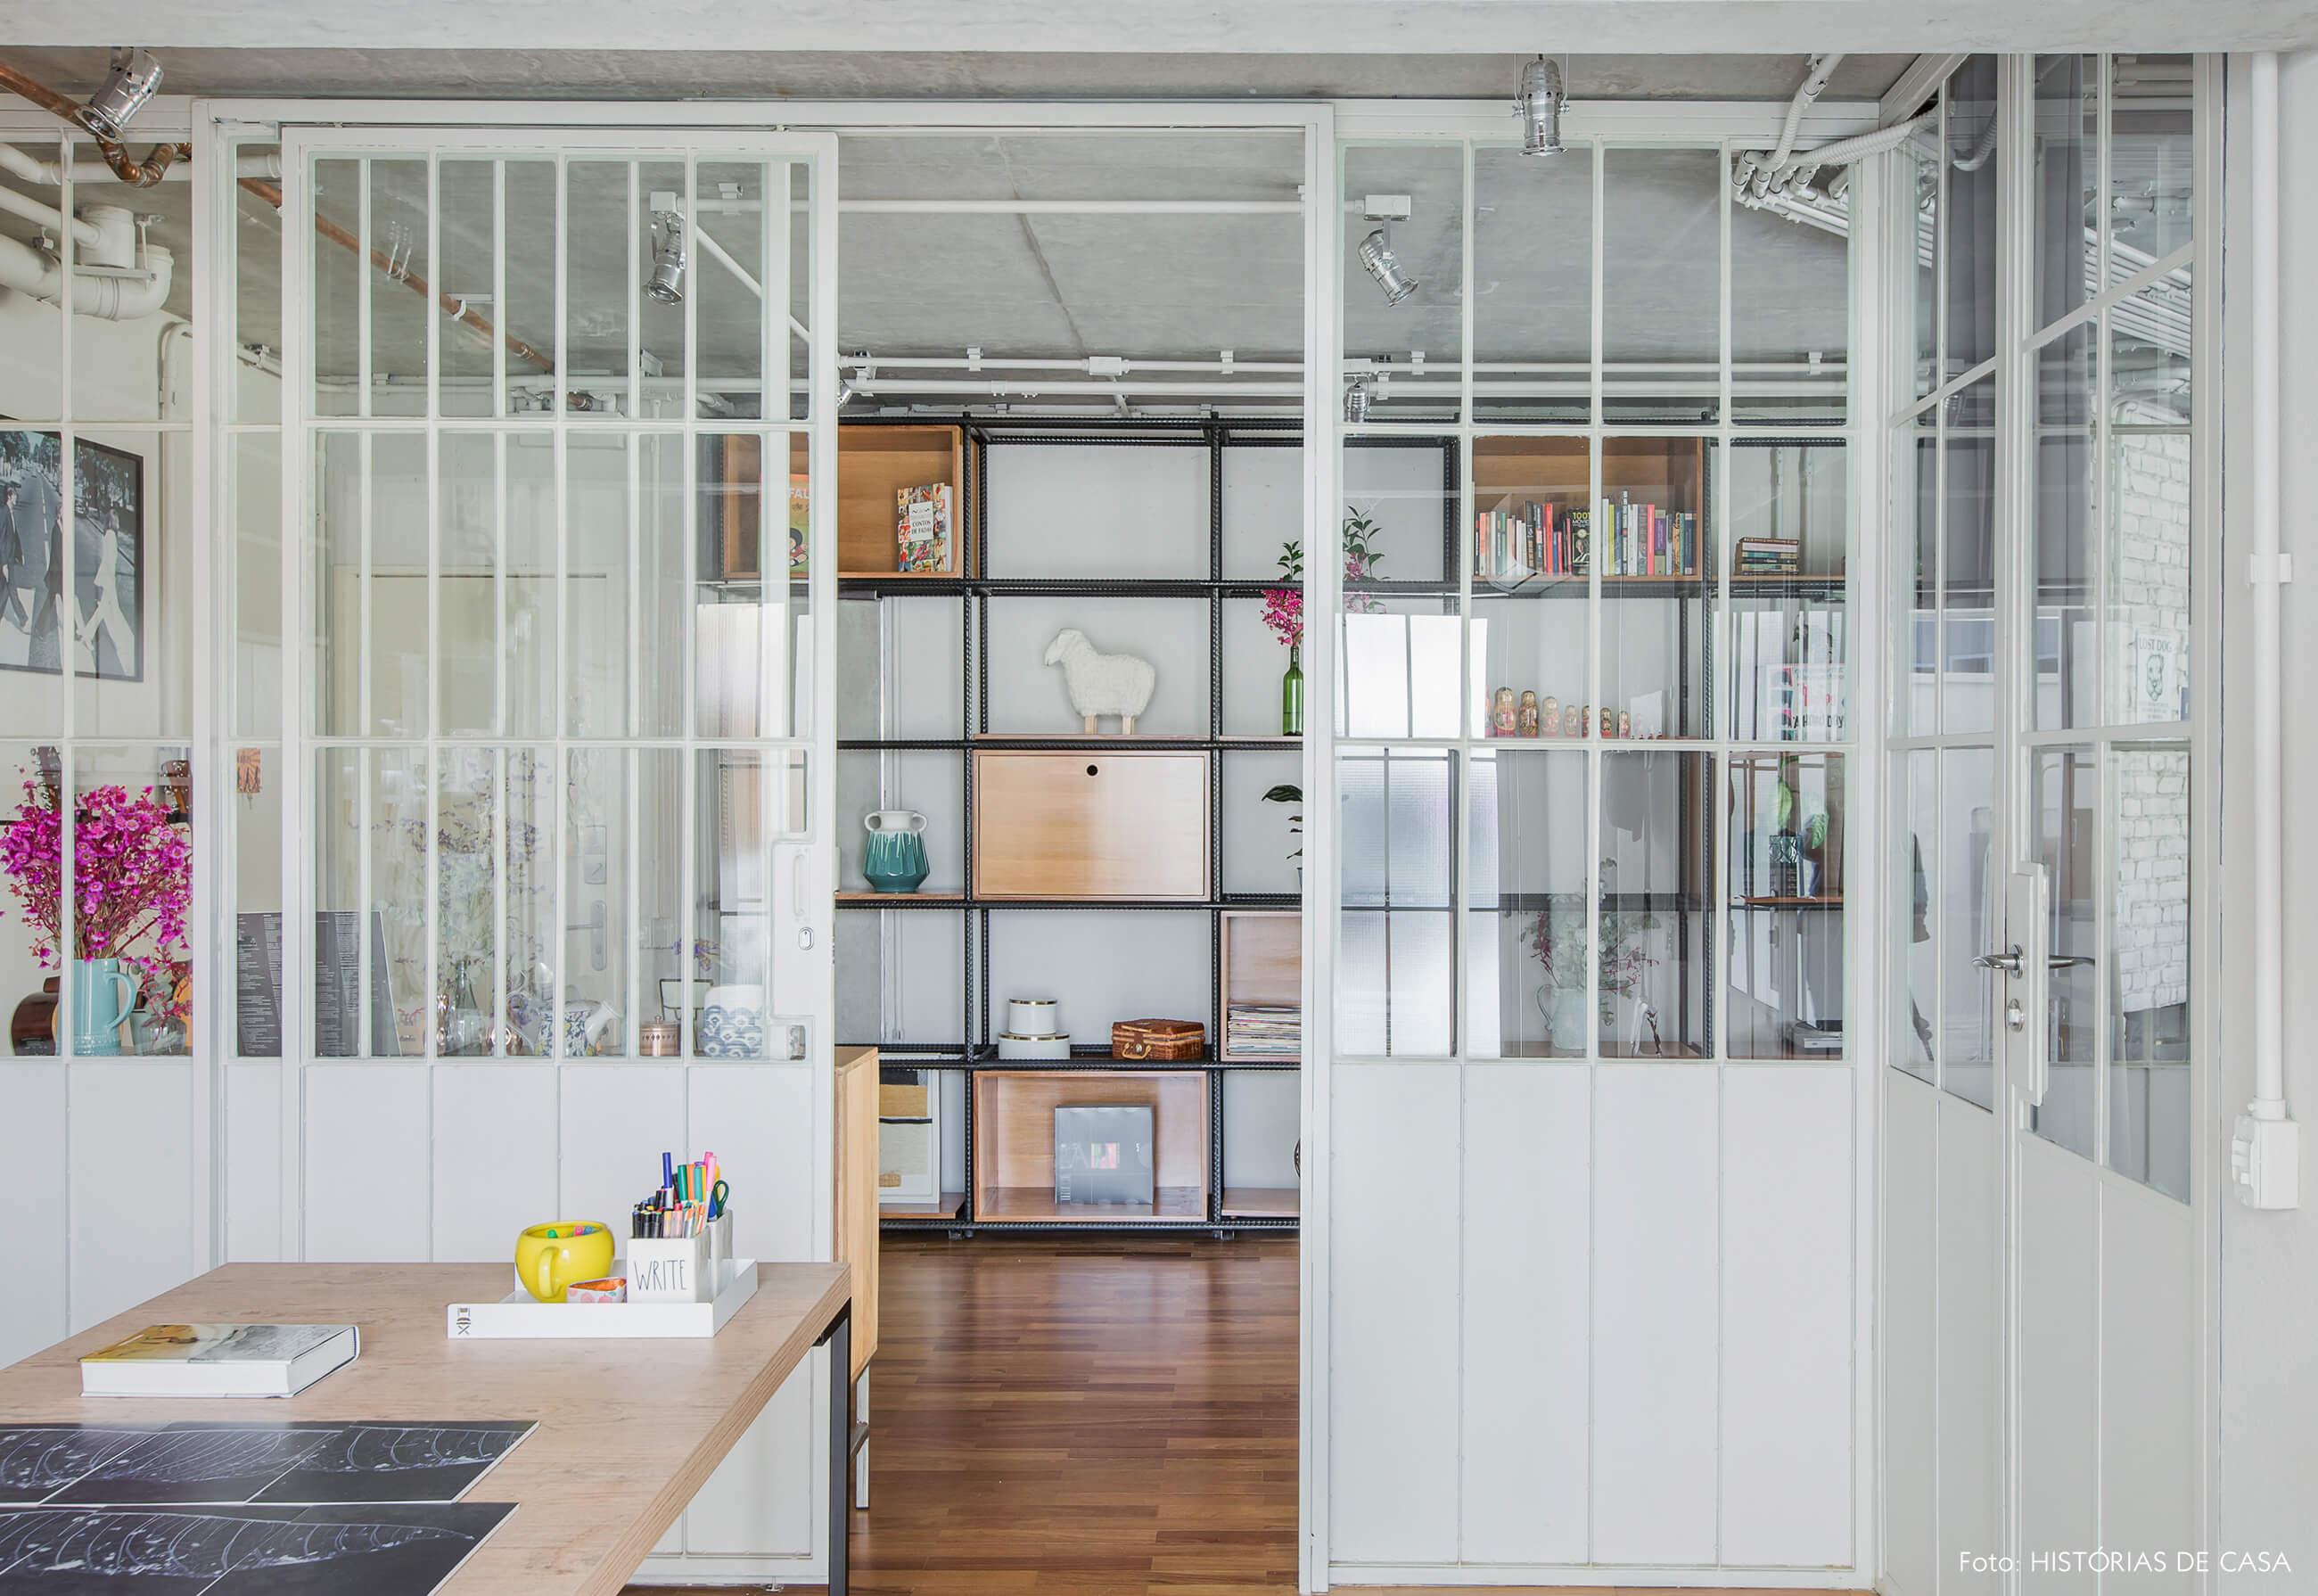 Escritório com portas de serralheria e vidro